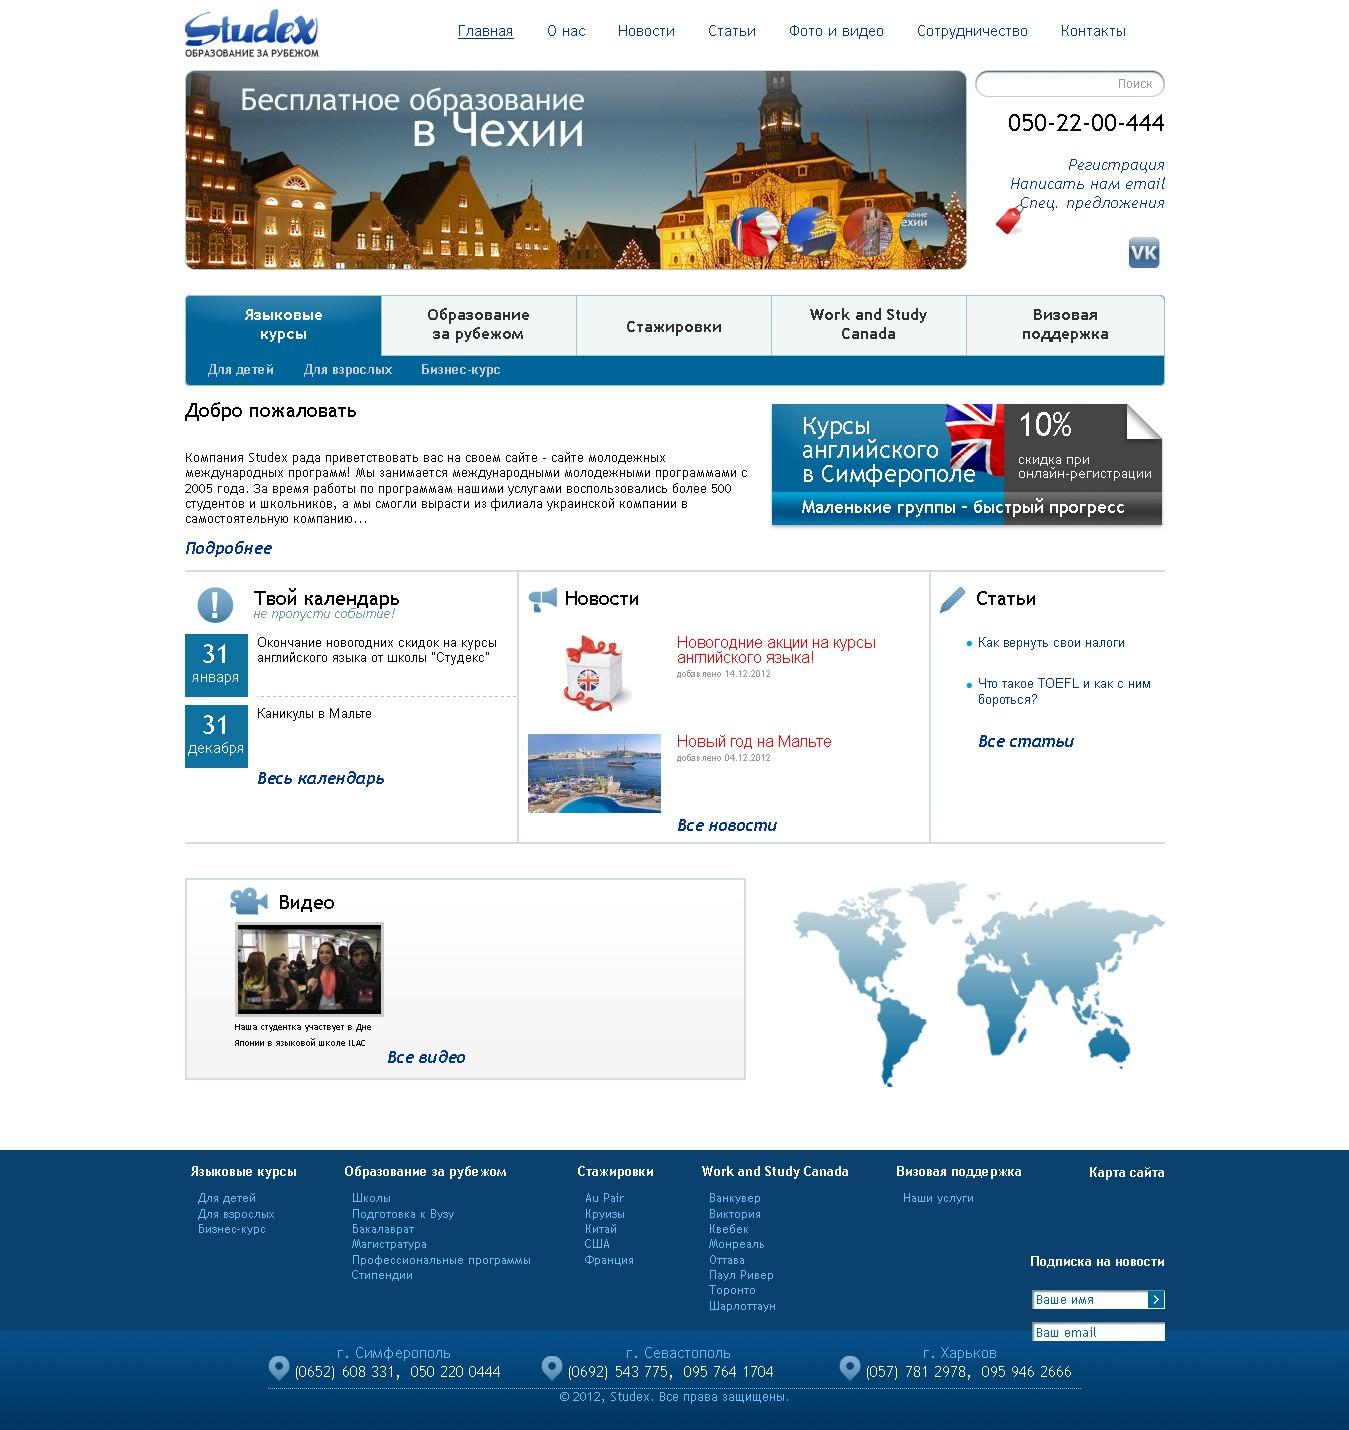 Информационный сайт Studex